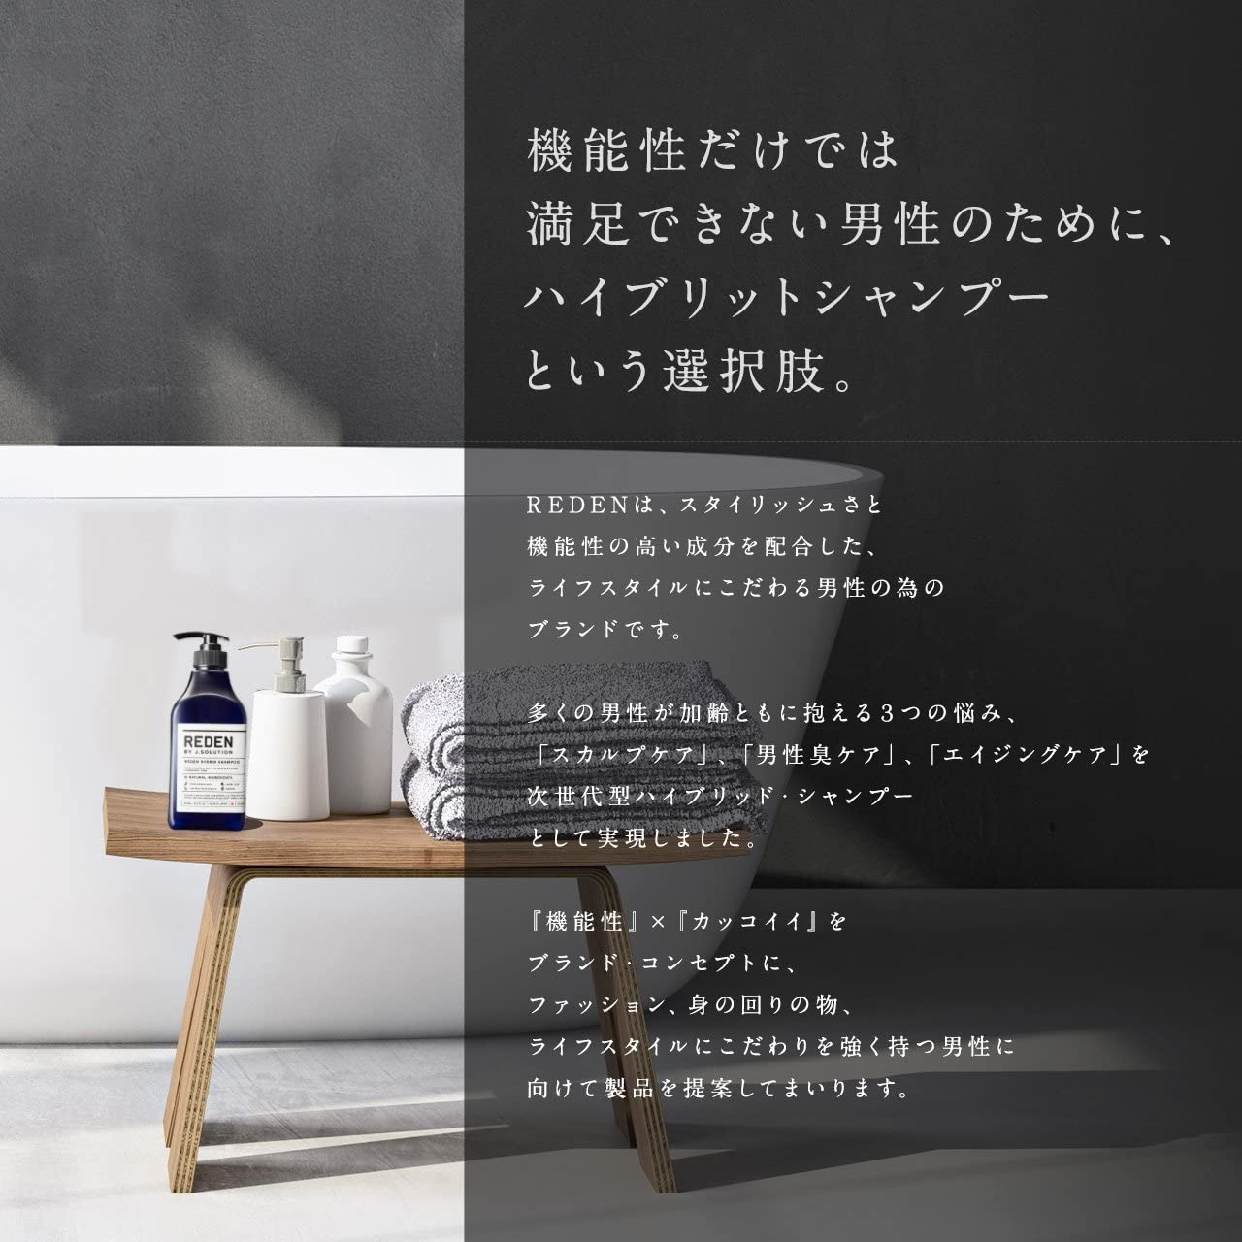 REDEN(リデン) ハイブリッド・シャンプーの商品画像4